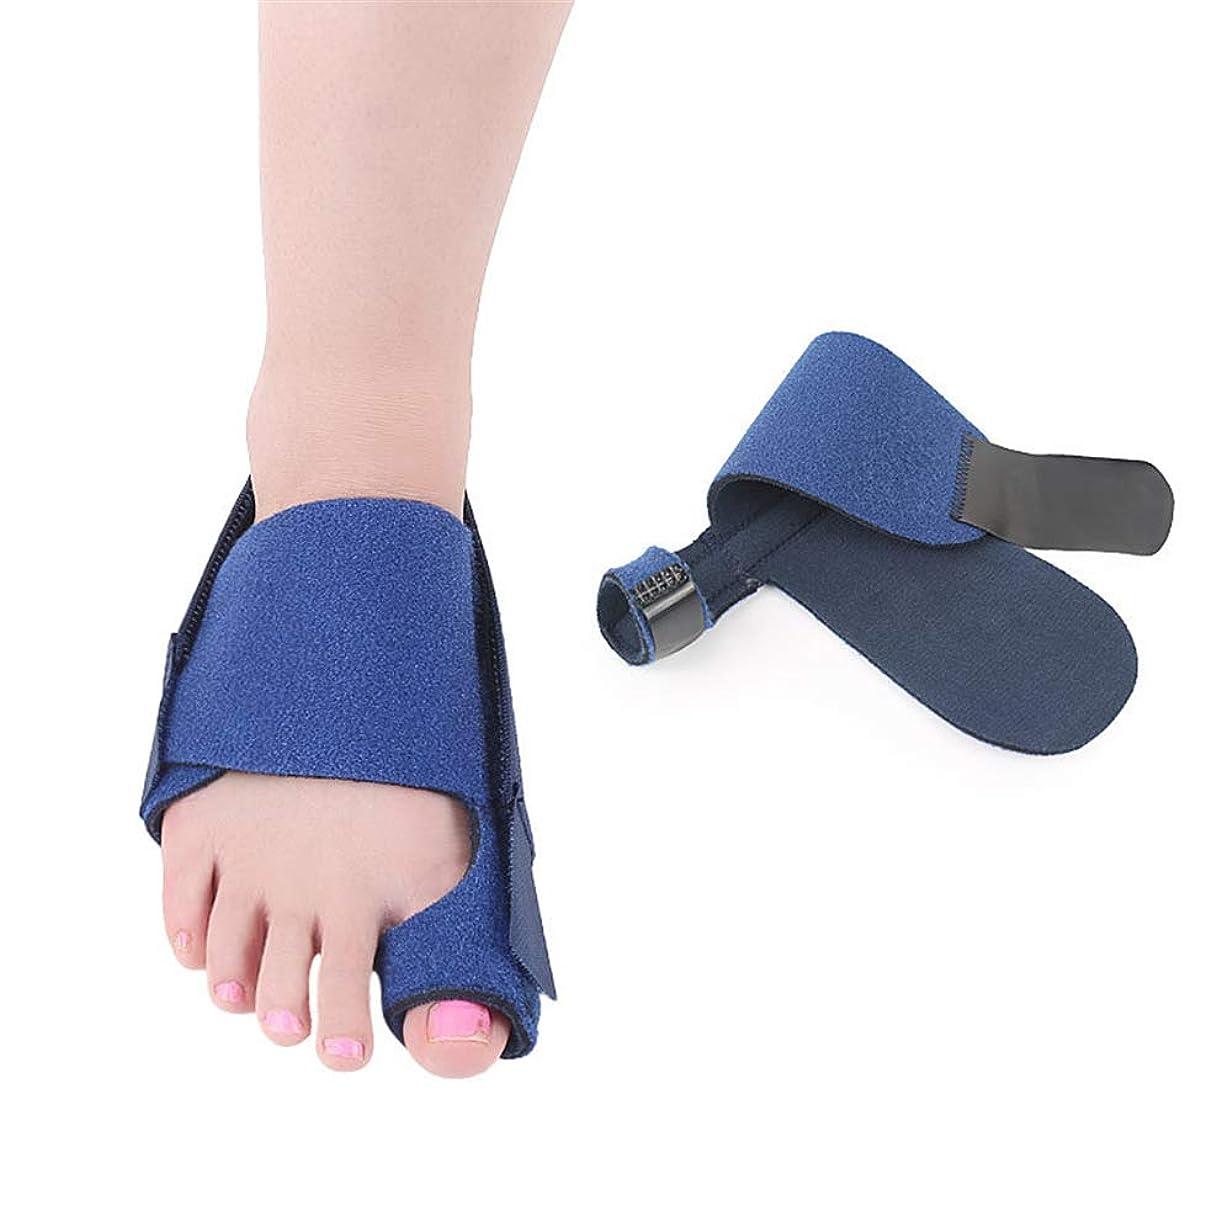 マーカー政治家幻滅する足の痛みのための1ペアのつま先矯正コレクター外反母趾腱膜副木